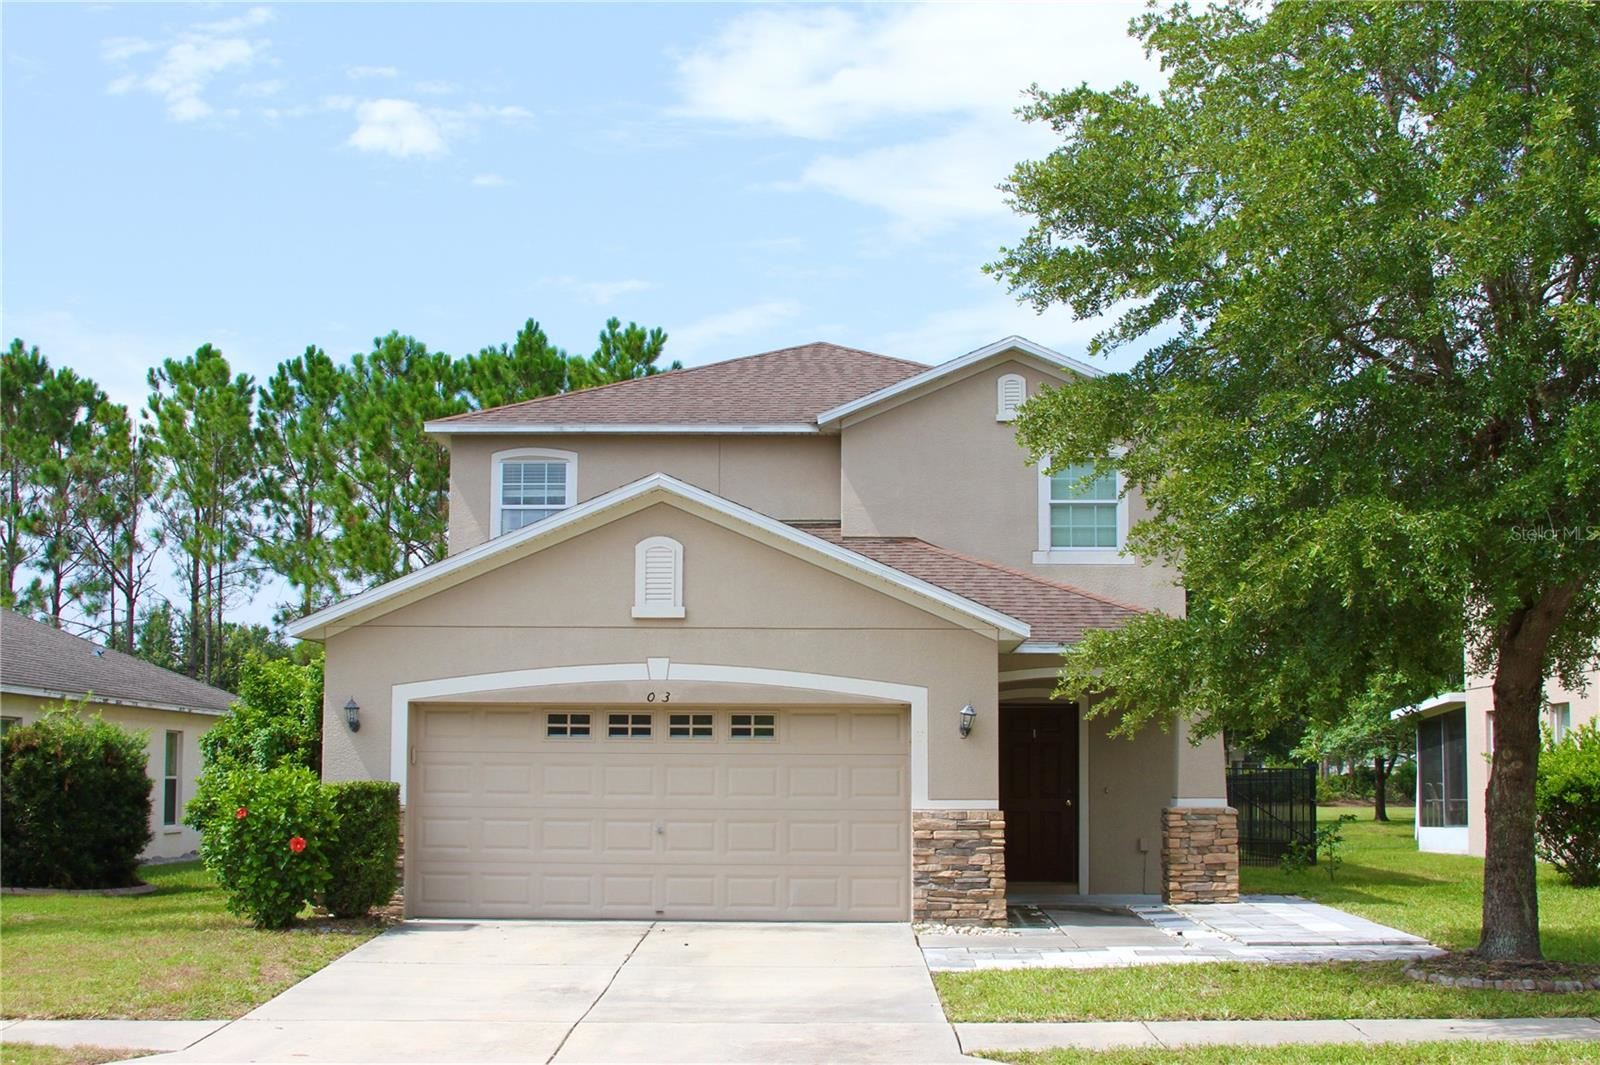 30737 WHITE BIRD AVENUE, Wesley Chapel, FL 33543 - MLS#: S5054157